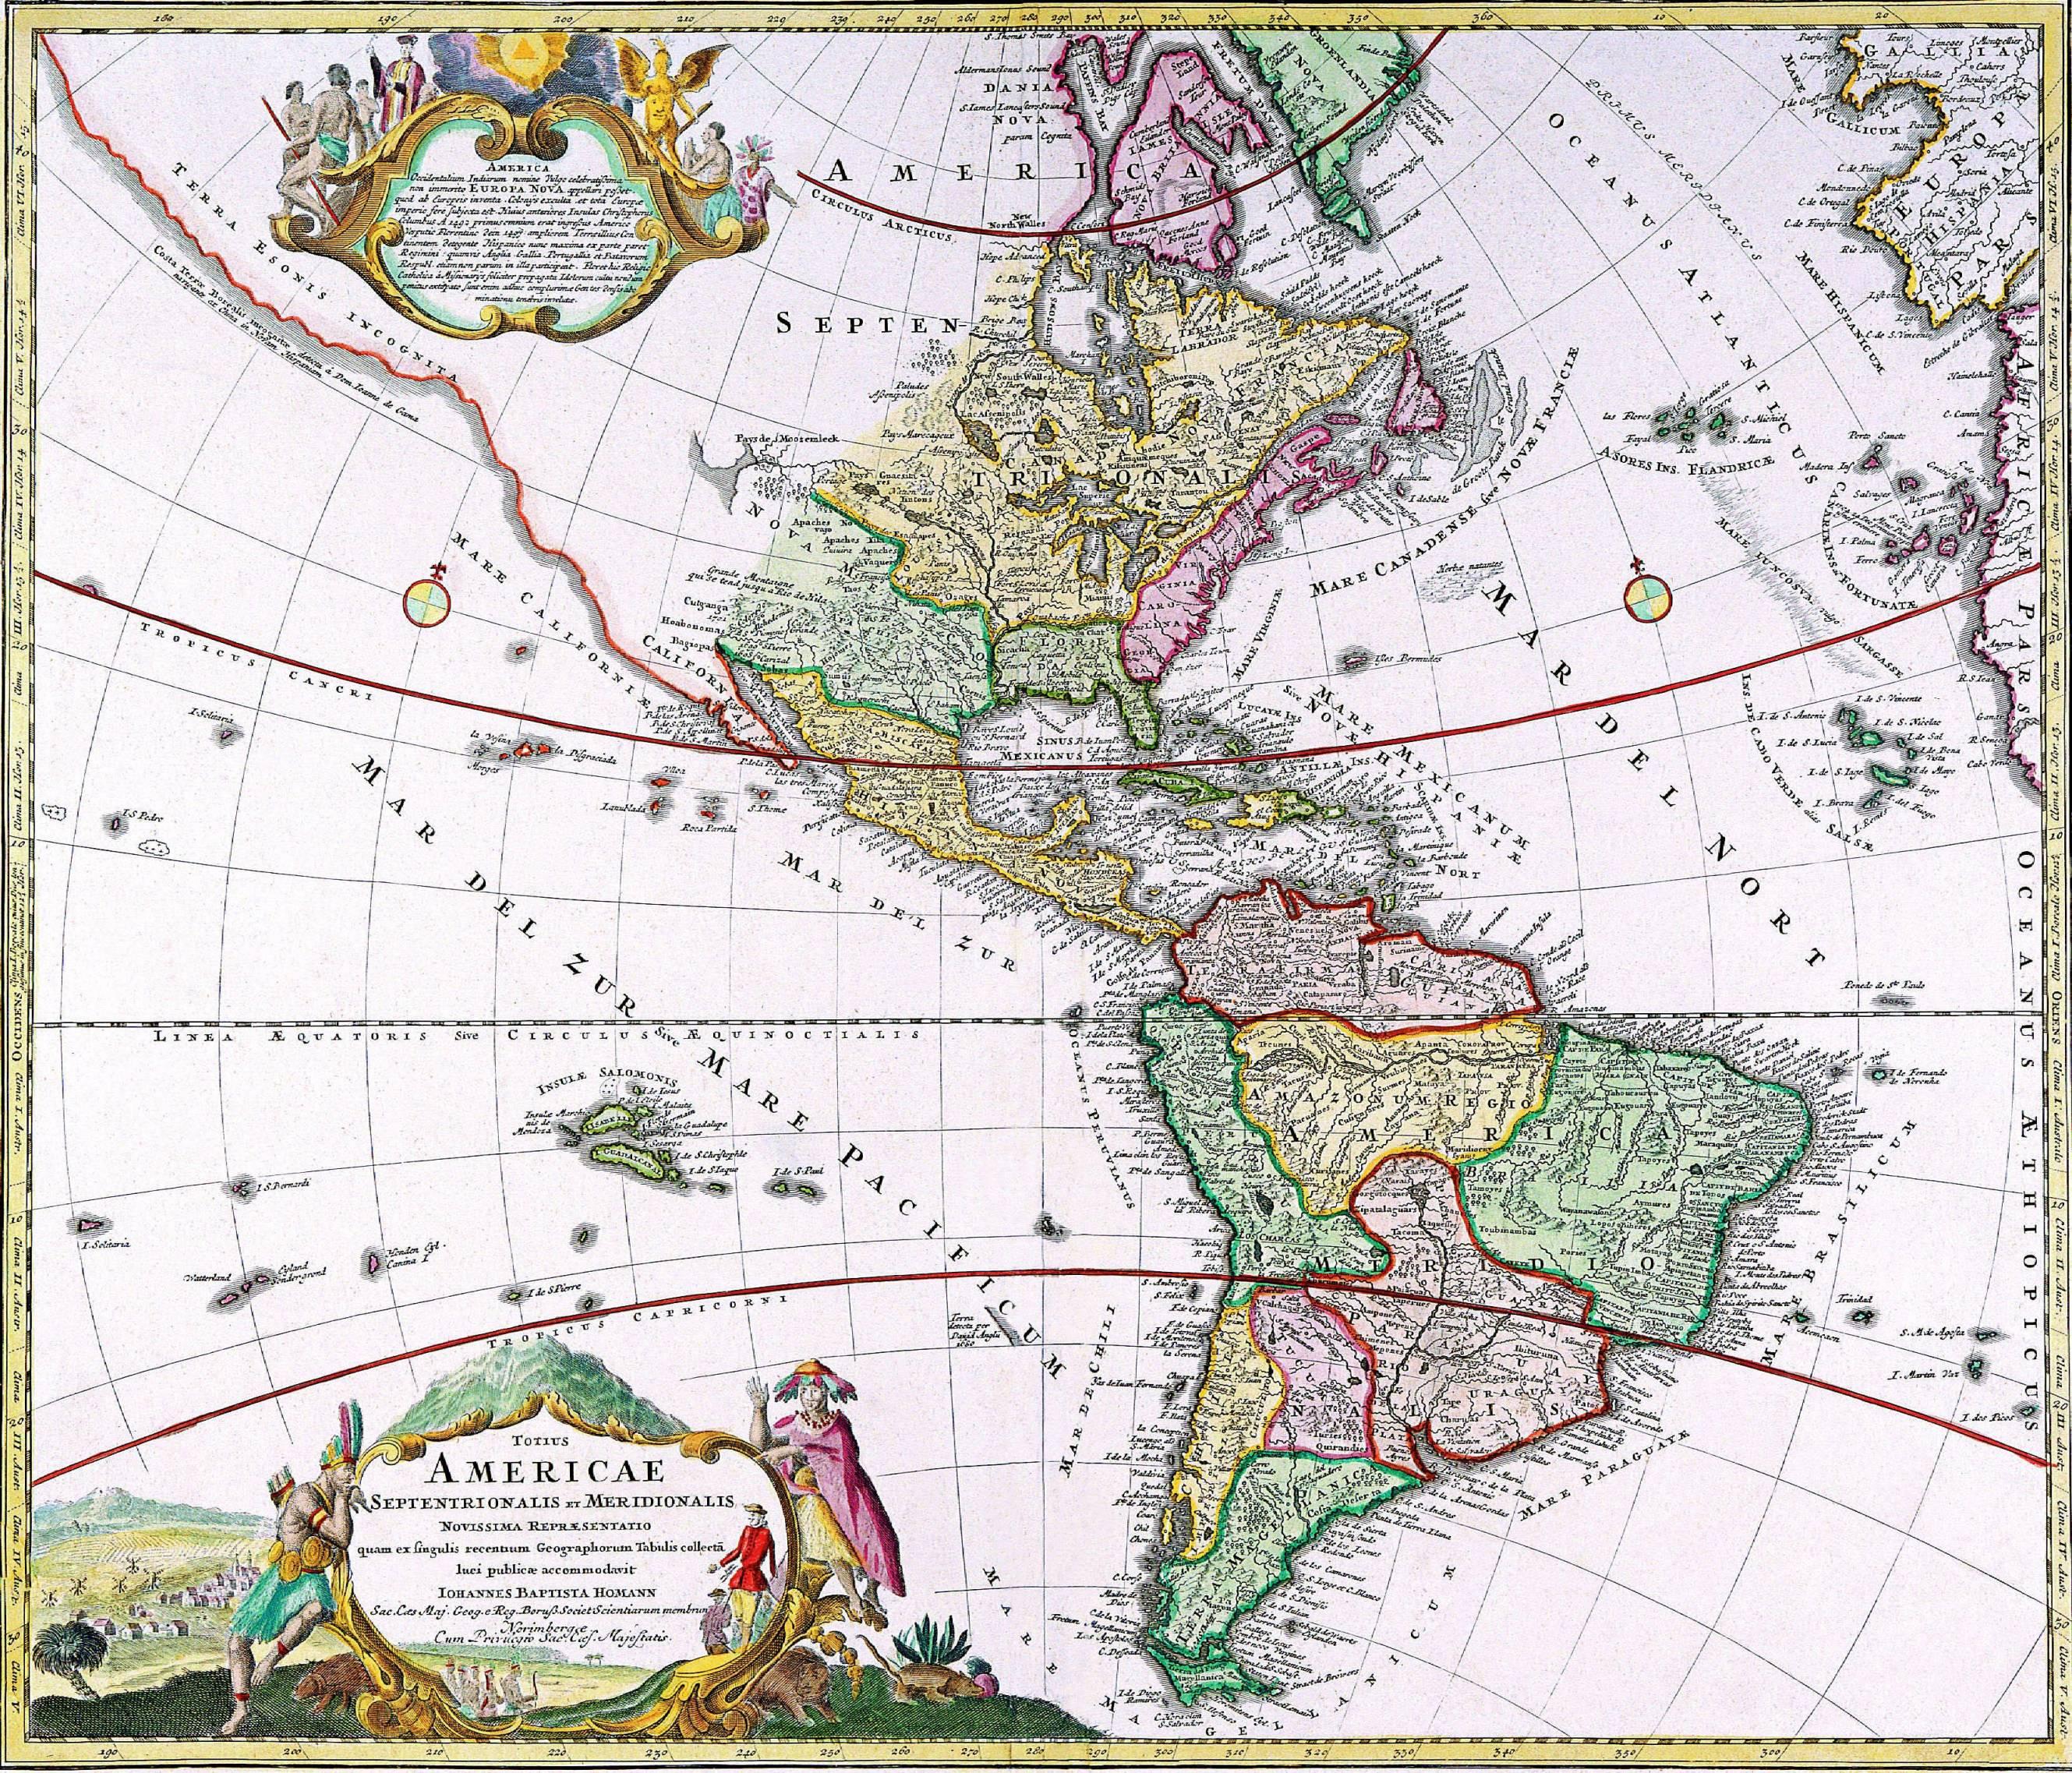 The Art of MapsJohann Baptiste Homann California as an Island